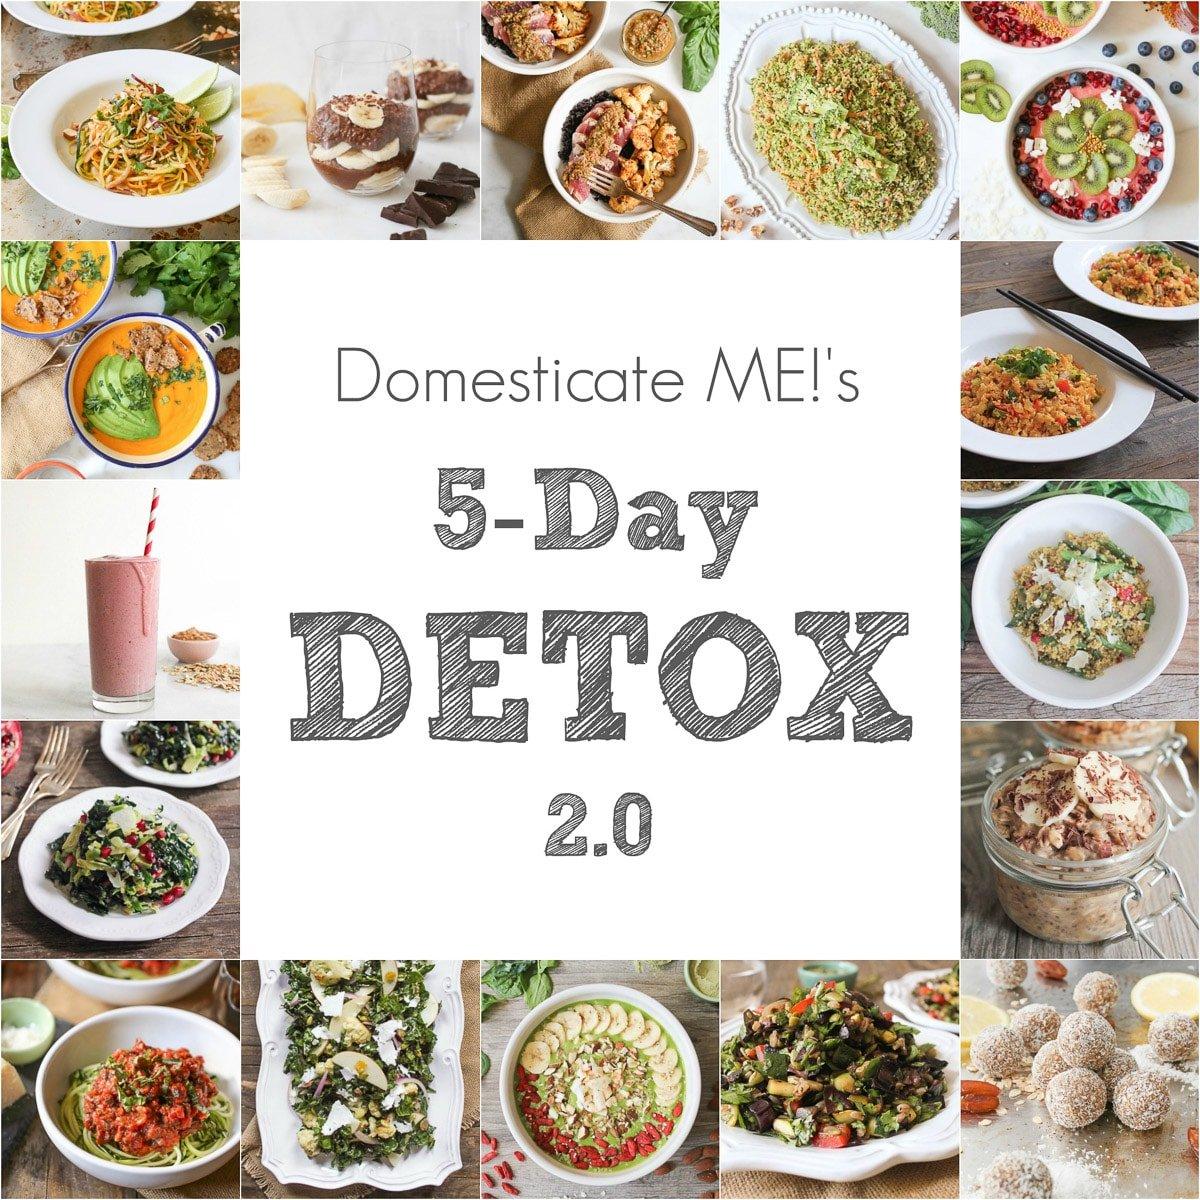 Domesticate-Me-5-Day-Detox-Plan